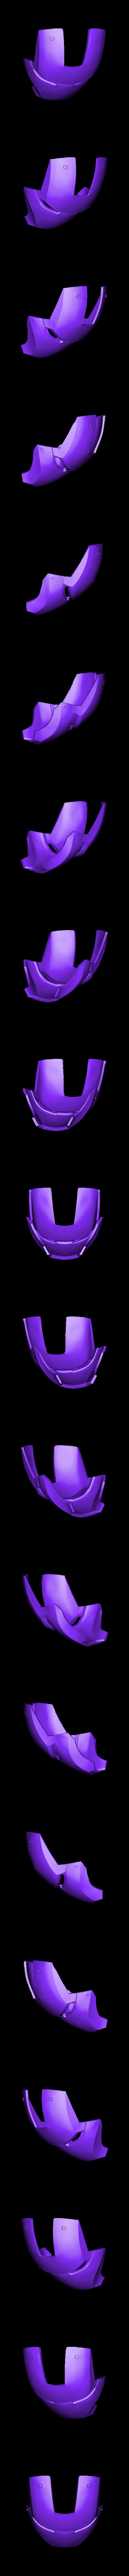 mask.stl Télécharger fichier STL gratuit casque d'homme de fer (portable) • Modèle à imprimer en 3D, kimjh